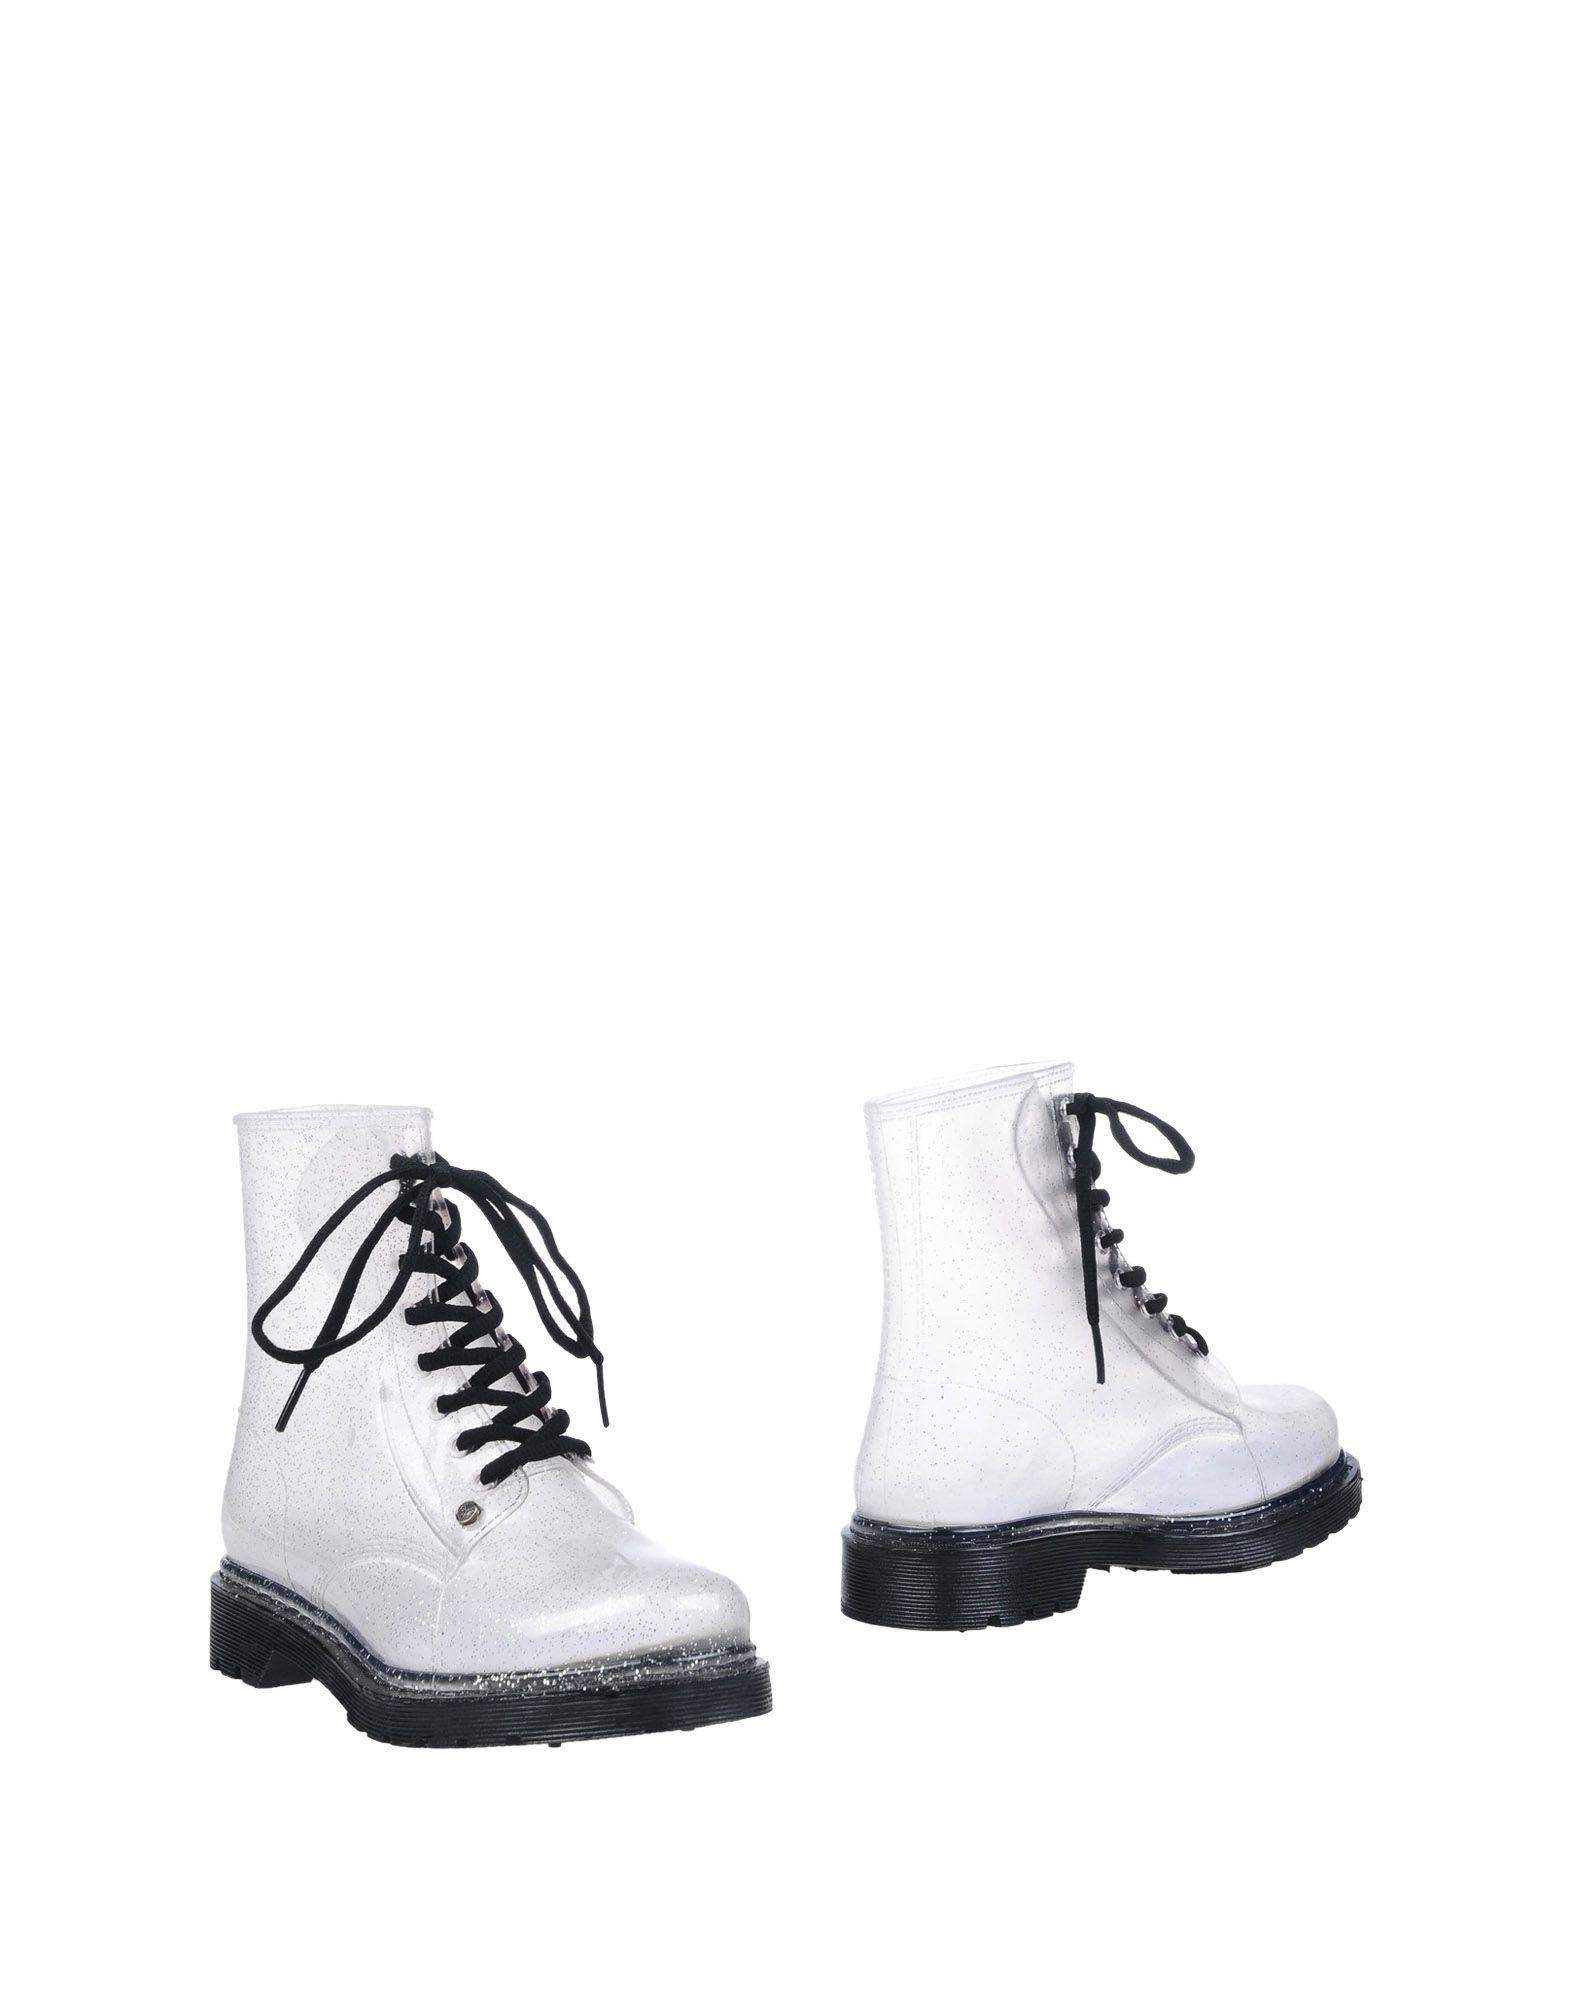 G•Six Workshop Stiefelette 11240318KL Damen  11240318KL Stiefelette Gute Qualität beliebte Schuhe 4c407f